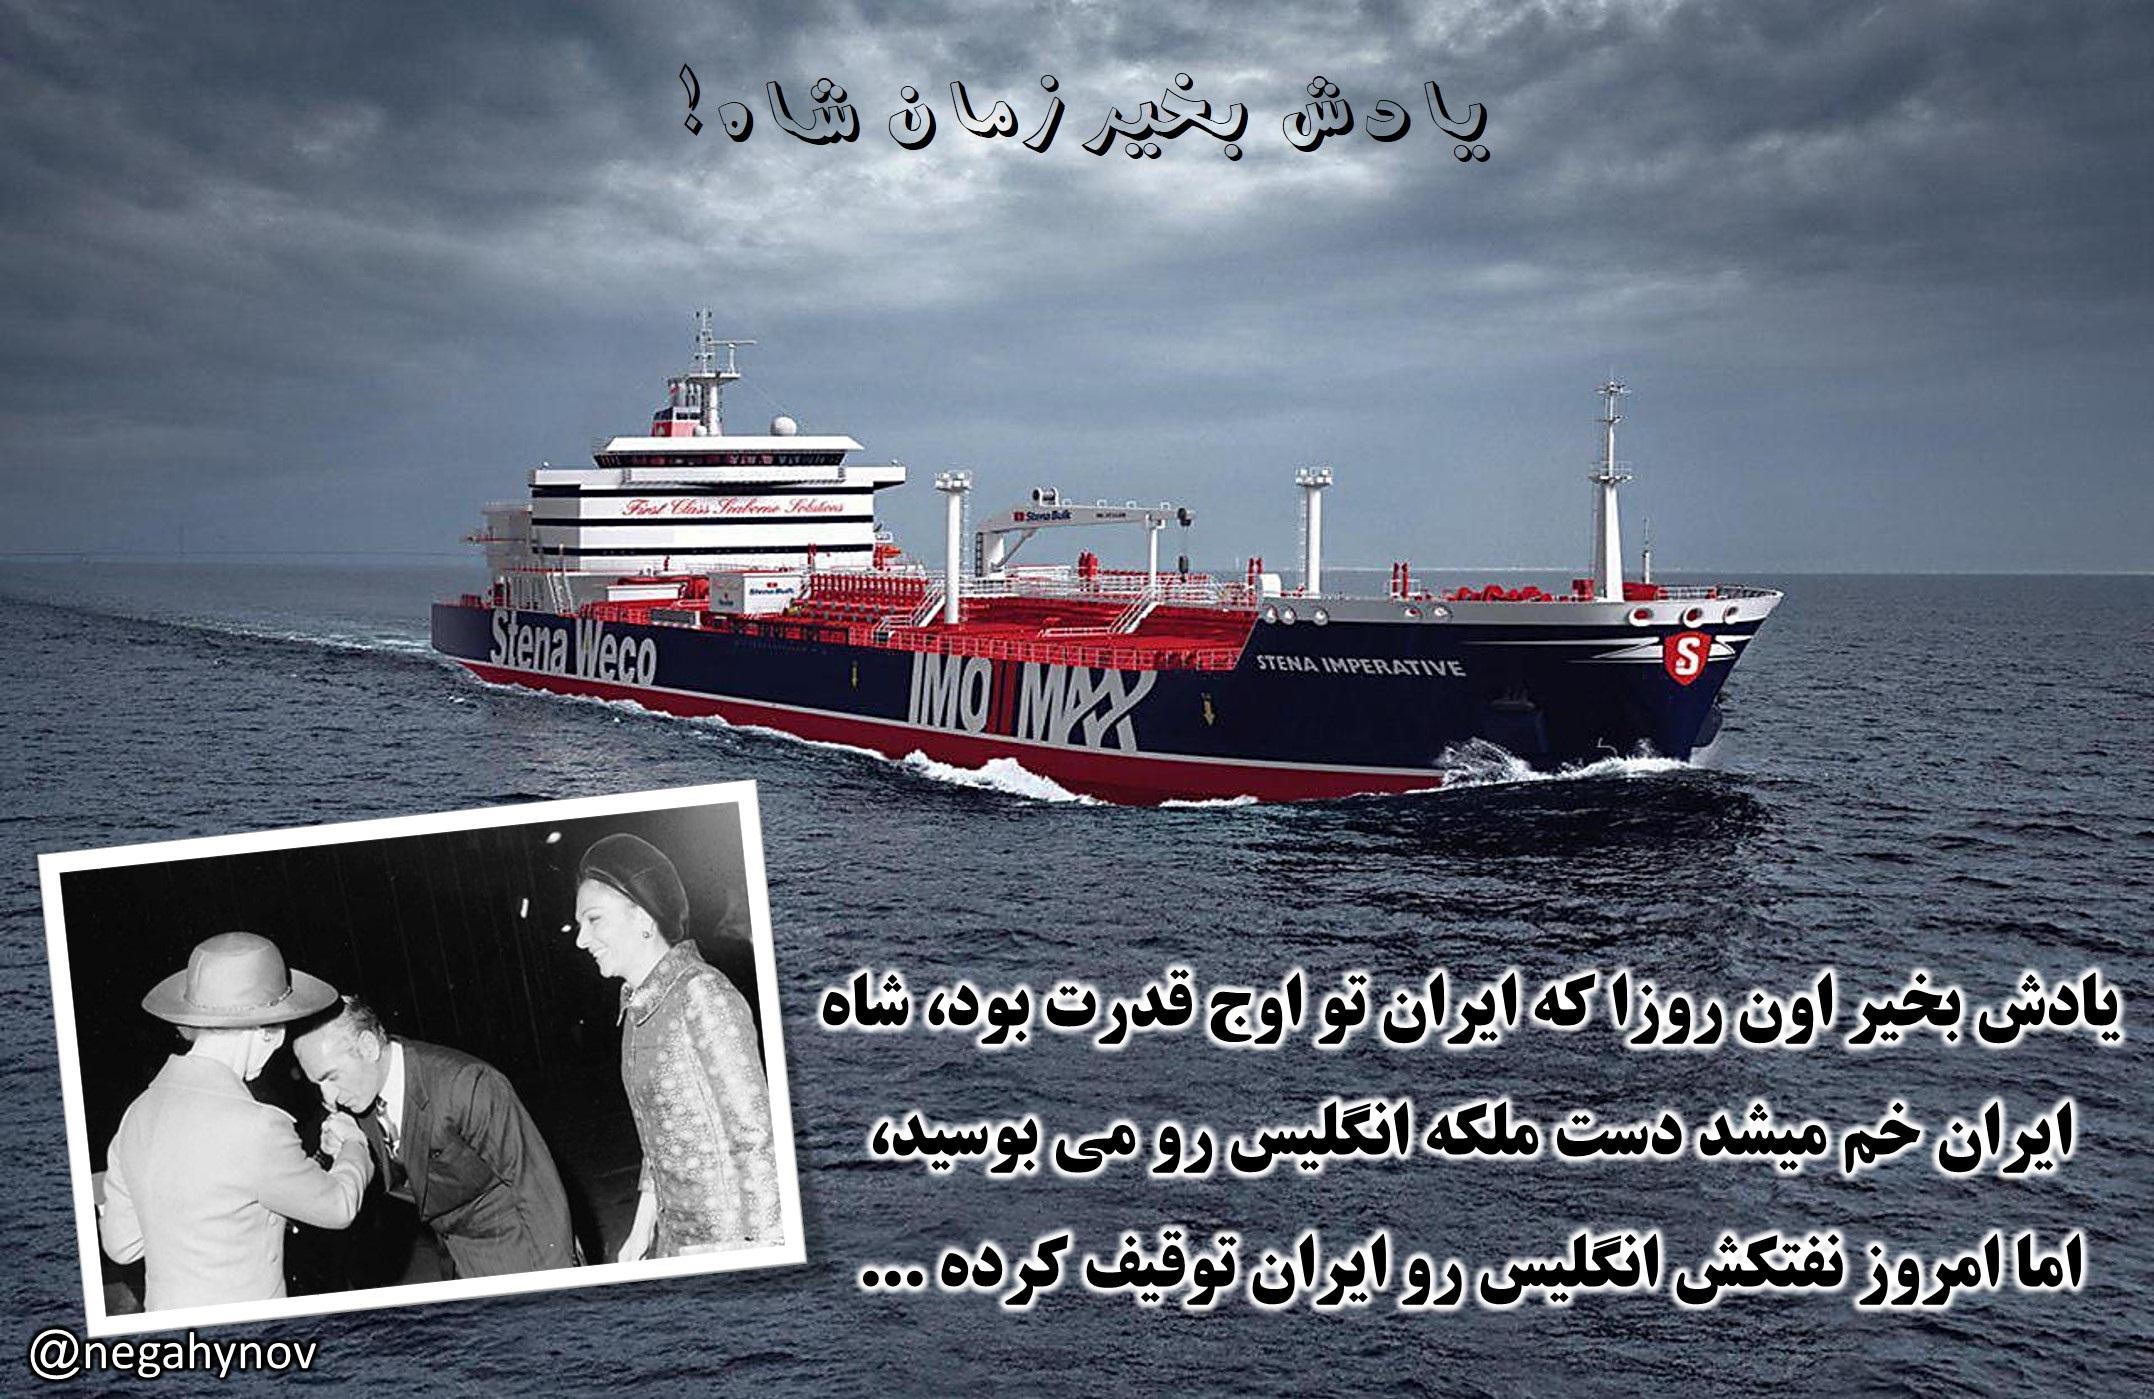 ایران و انگلیس - رژیم پهلوی و جمهوری اسلامی - نفتکش انگلیسی - نگاهی نو